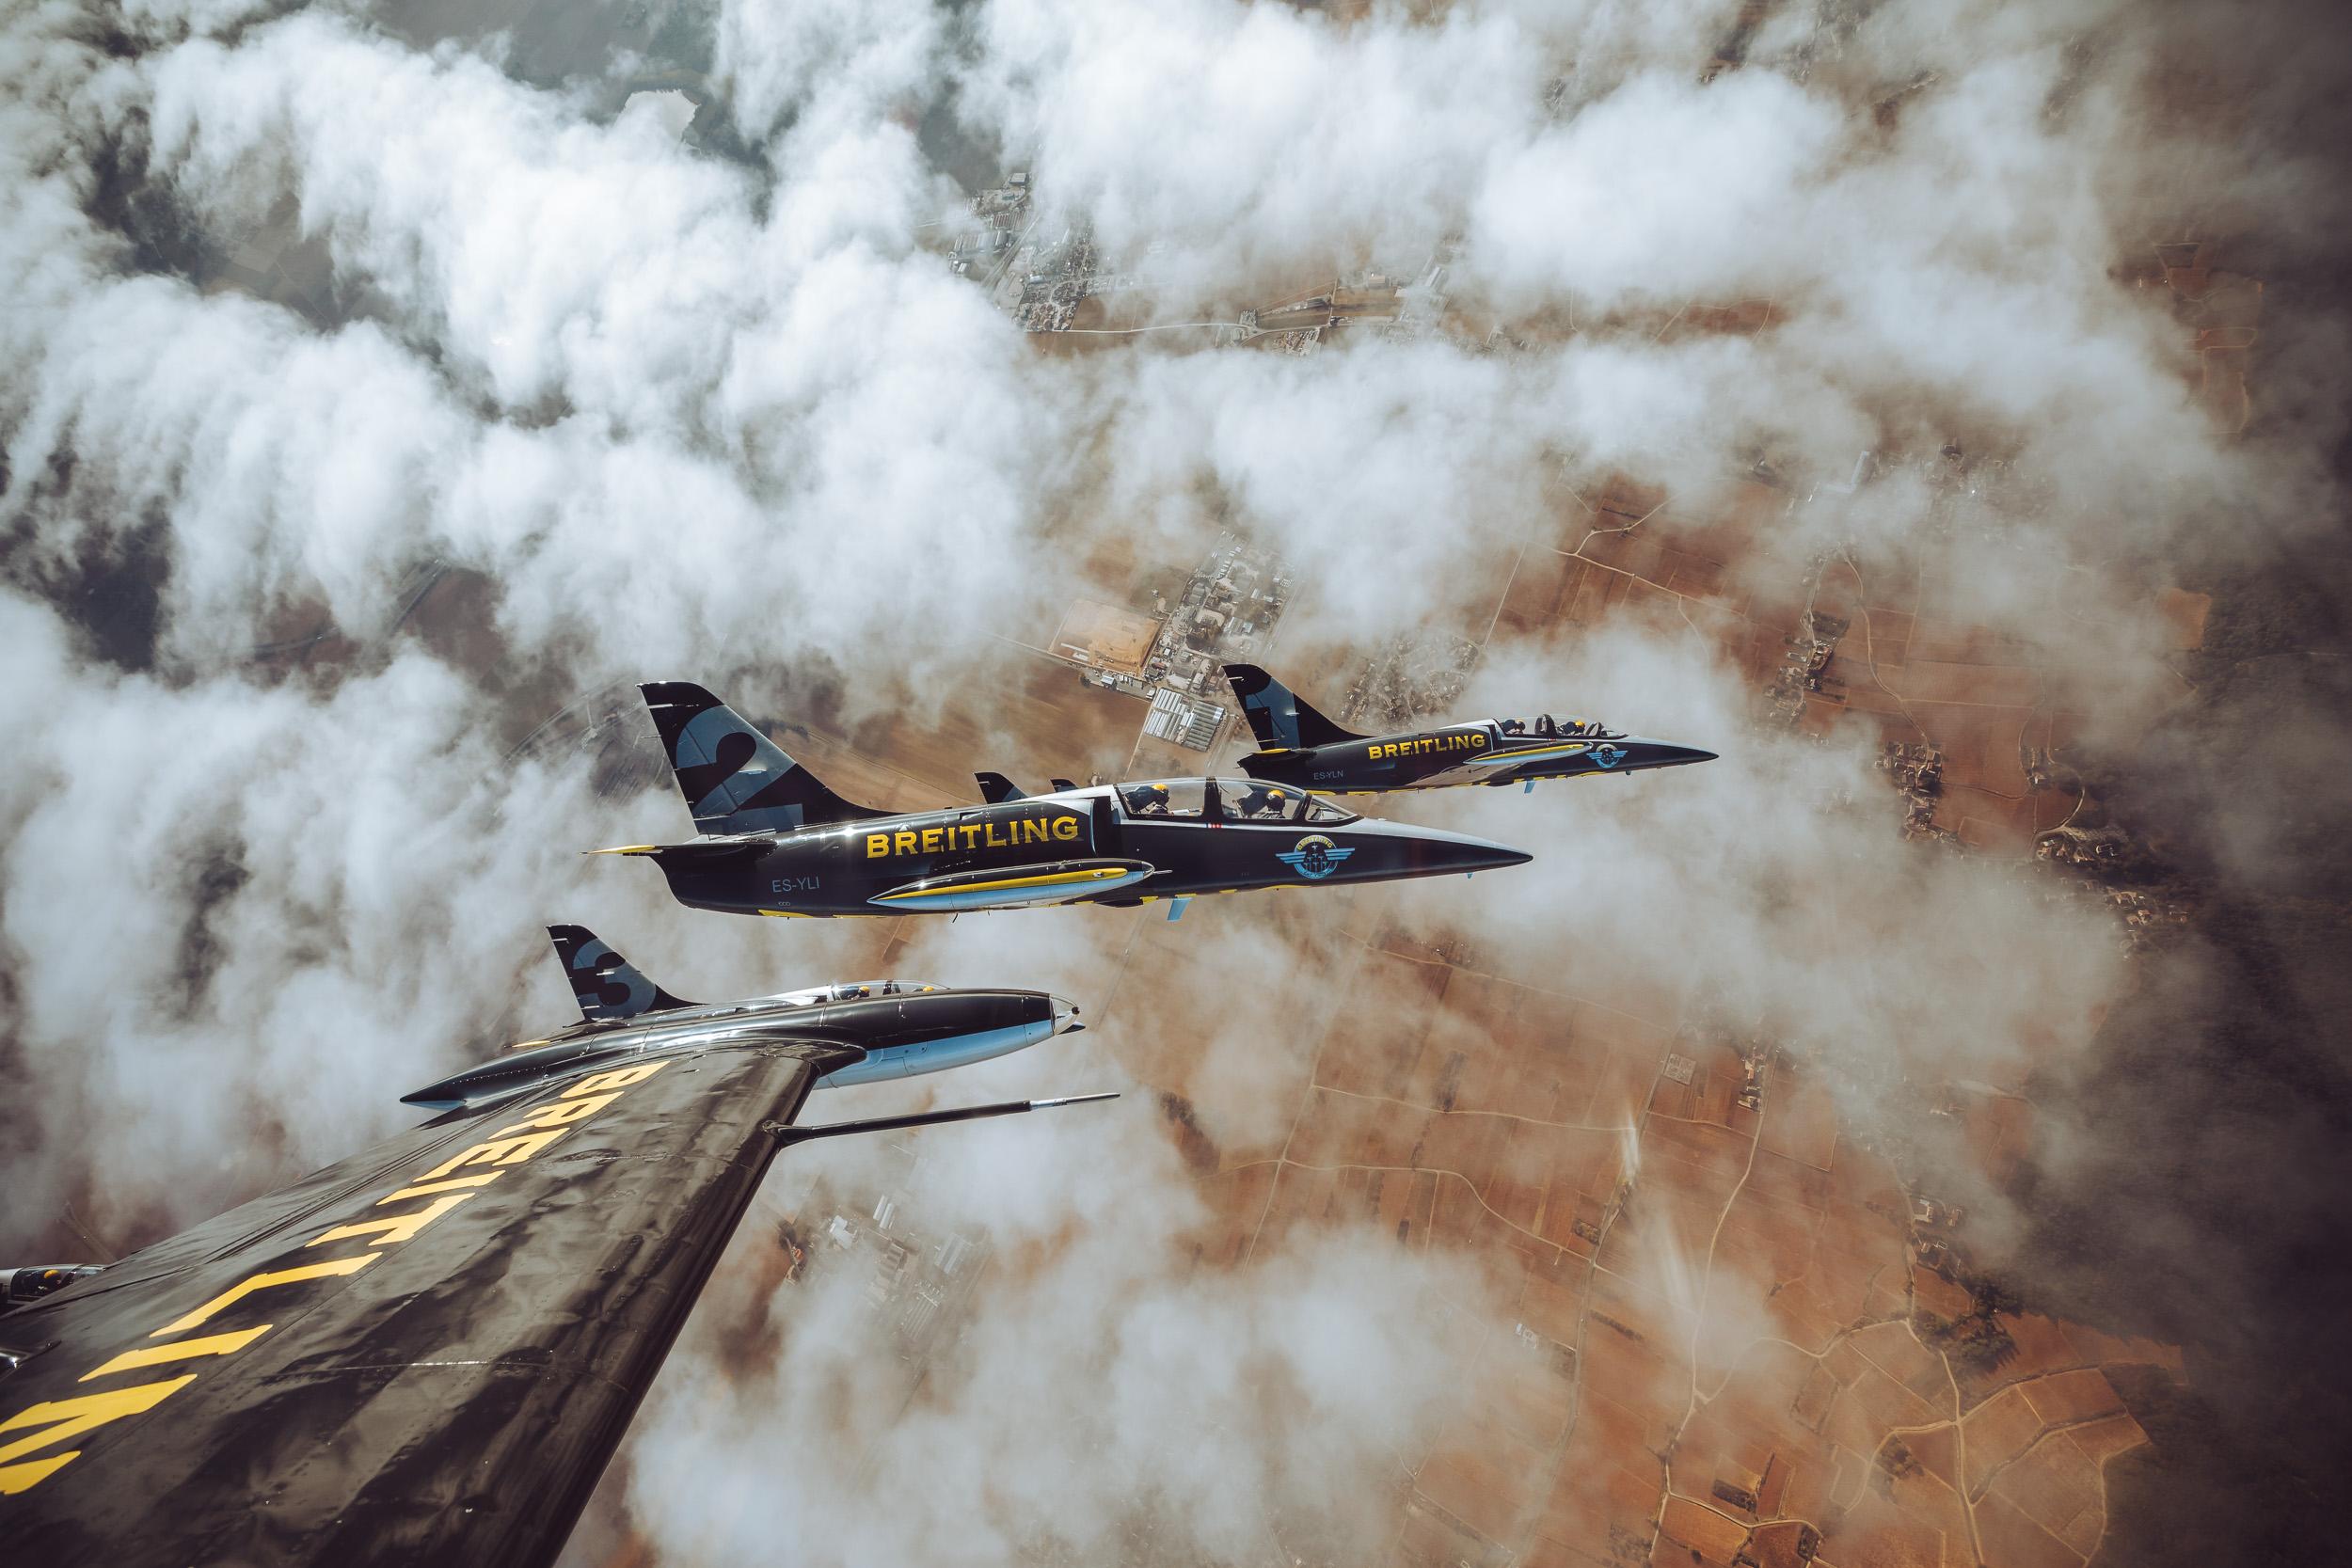 201810-Breitling-Jets-Finn_Beales-11.jpg